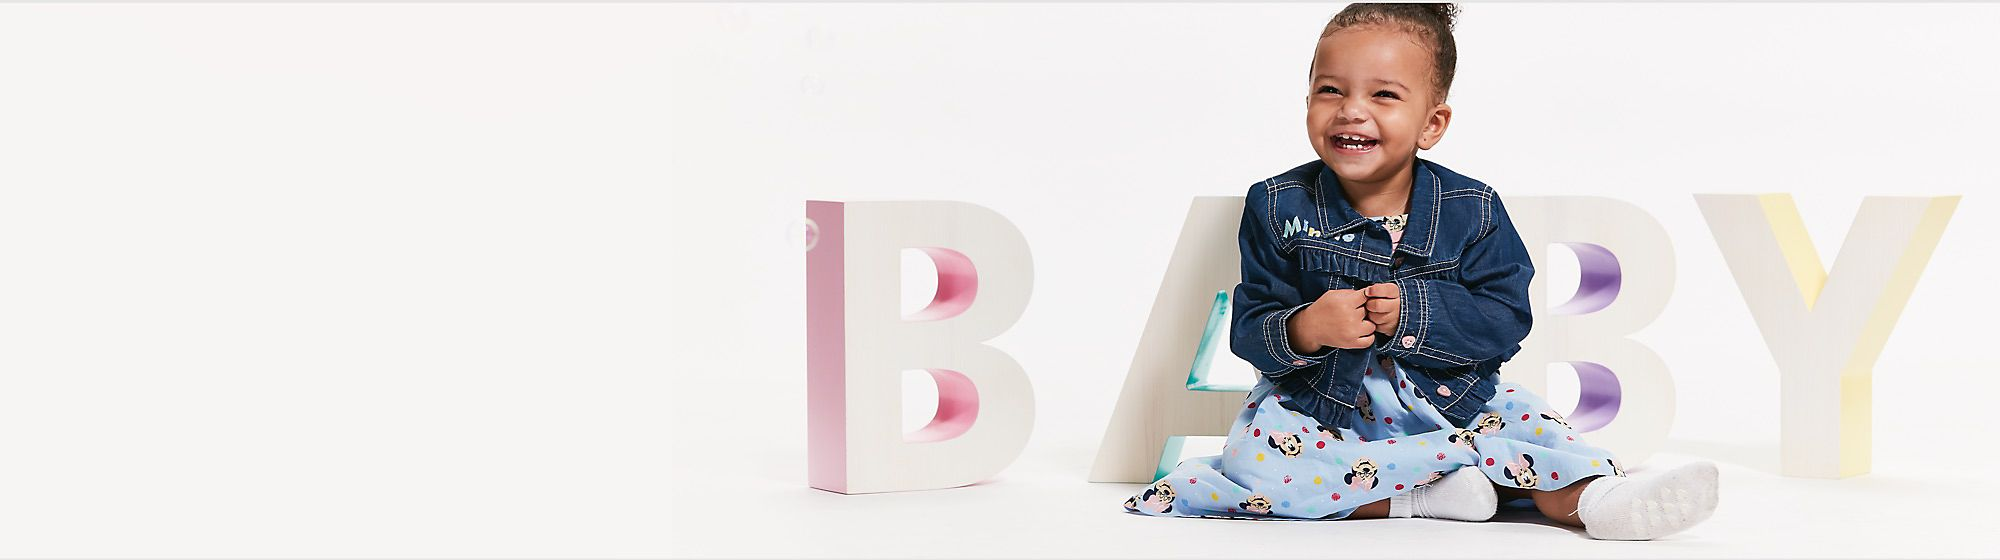 Bébé  Trouvez le cadeau idéal pour l'arrivée de bébé, parmi les tenues et jouets à l'effigie de Bambi, Dumbo ou encore Winnie l'Ourson. DÉCOUVRIR